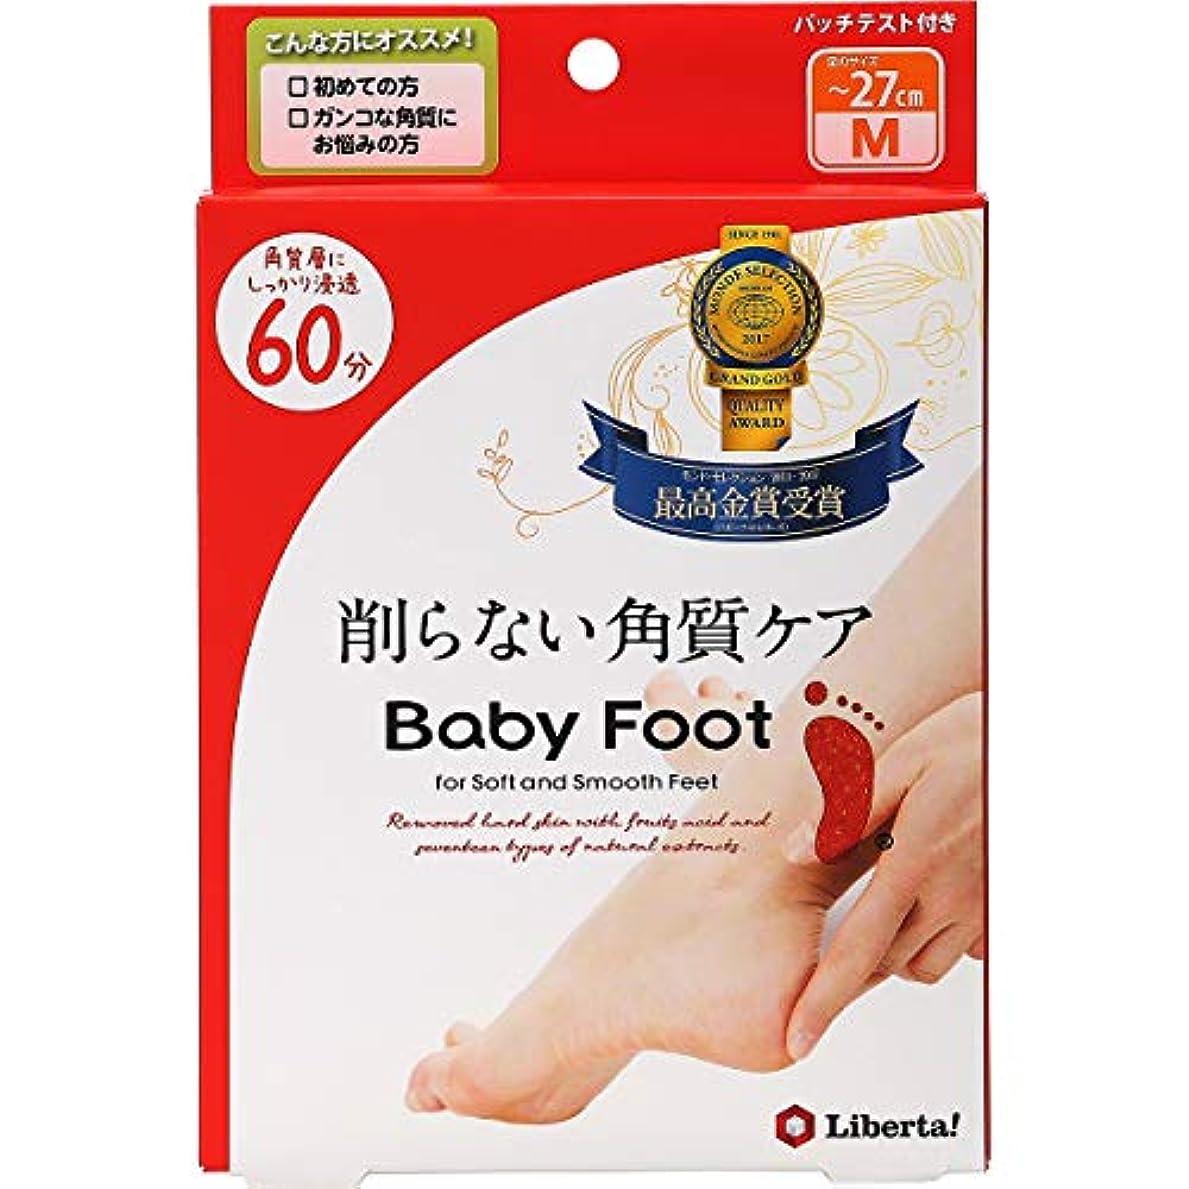 砂報復する娯楽ベビーフット (Baby Foot) ベビーフット イージーパック SPT60分タイプ Mサイズ 単品